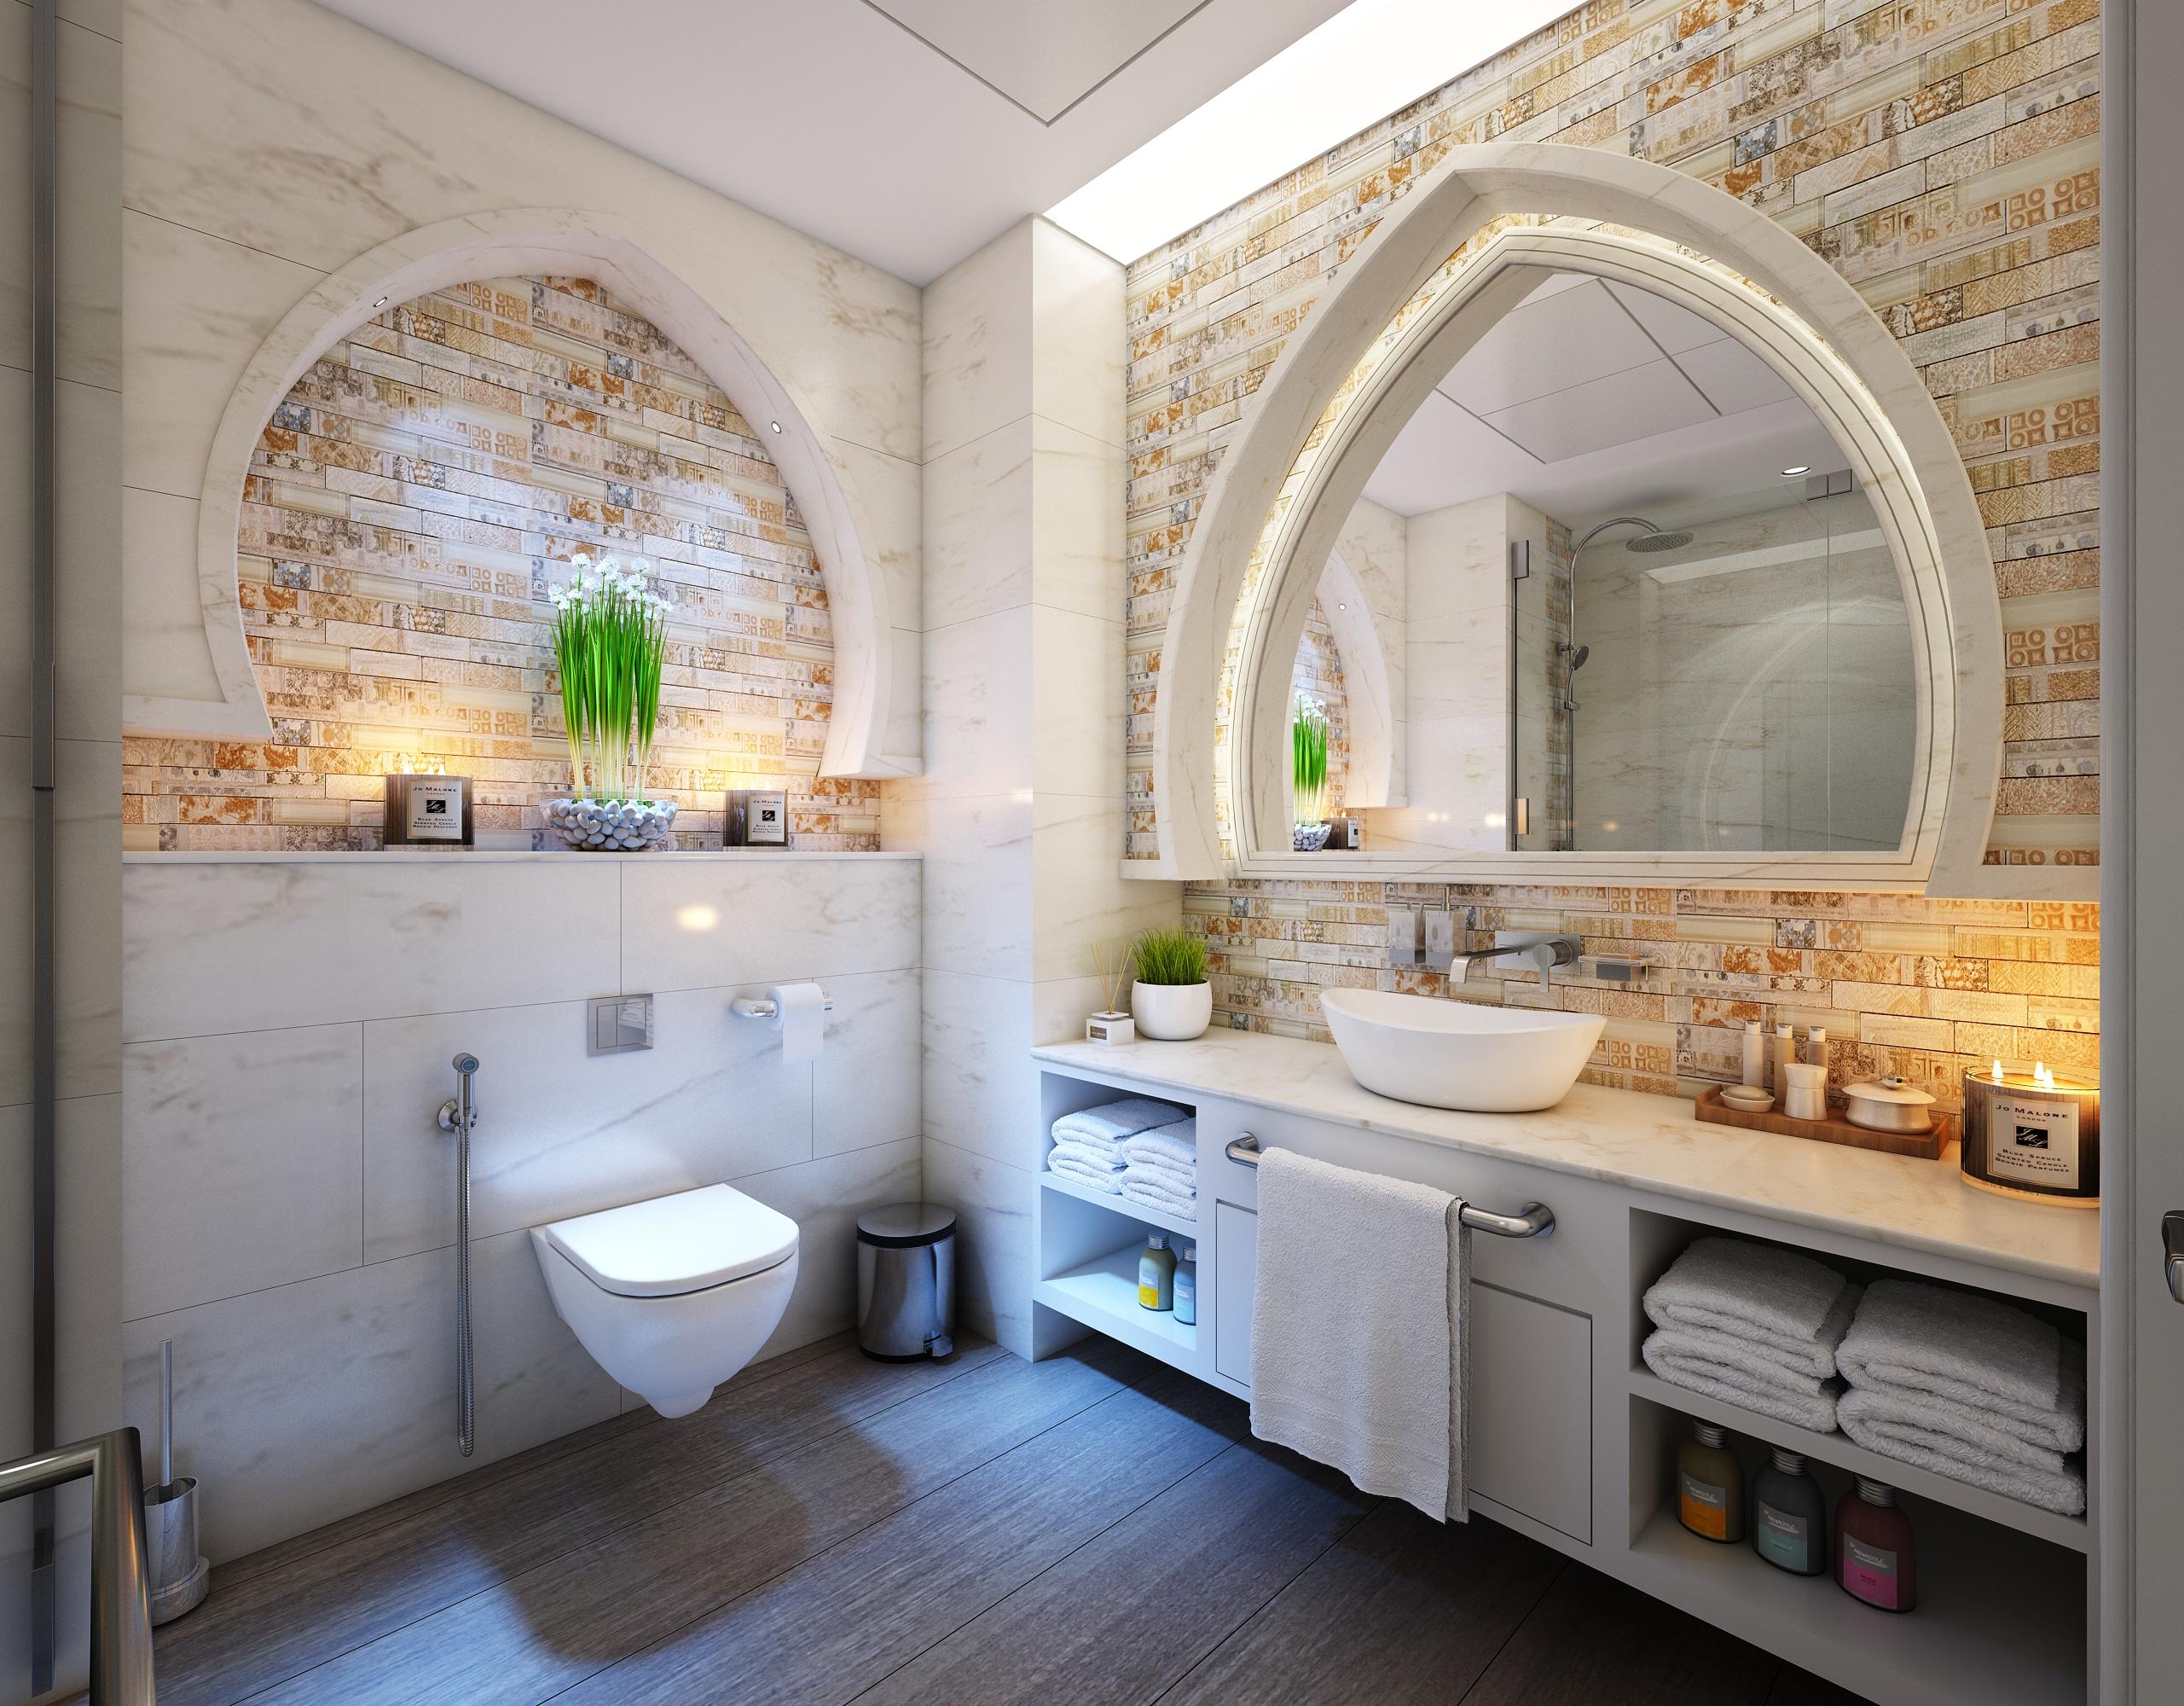 Lavabo Ou Banheiro Sem Janela Soluções E Dicas Para